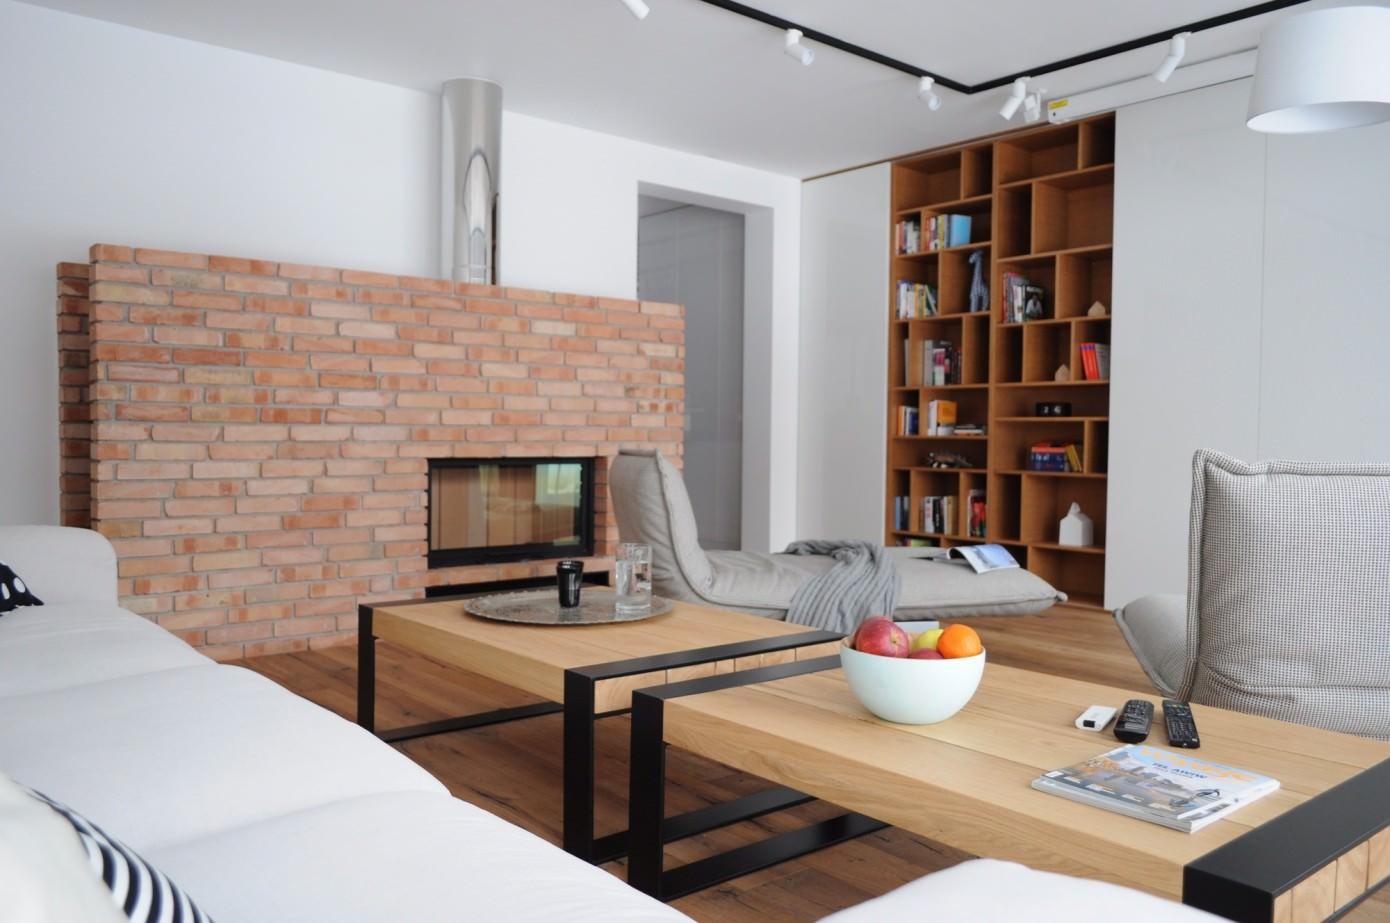 House in Myslowice by Widawscy Studio Architektury